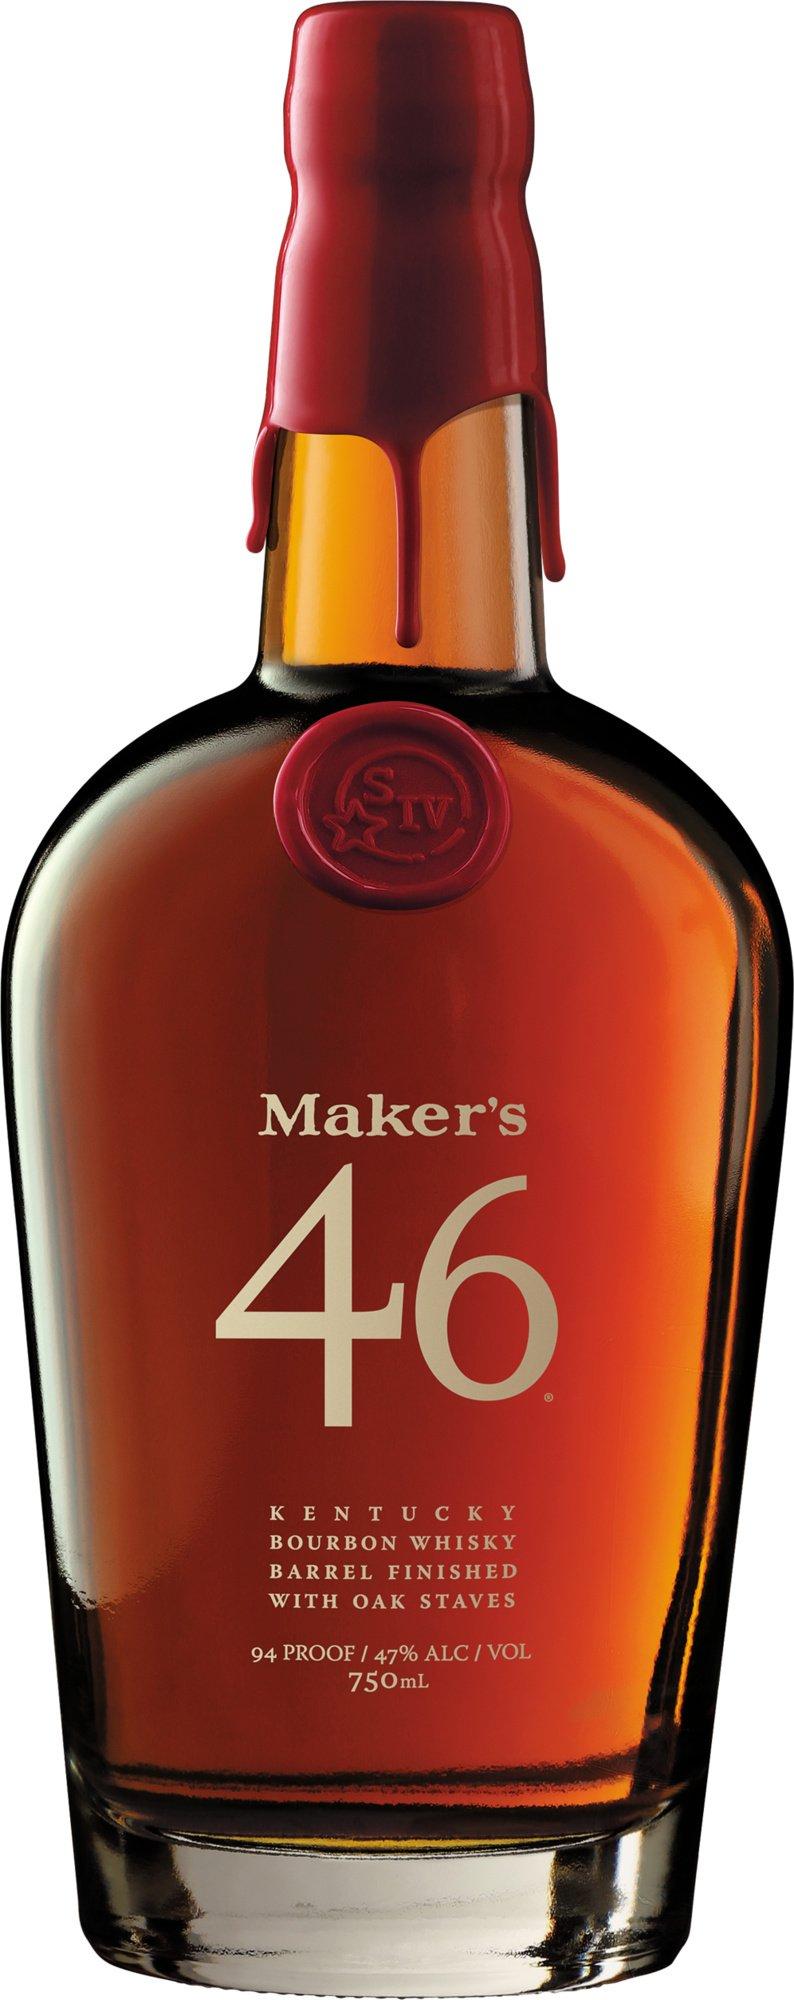 Maker's Mark 46 Kentucky Bourbon Whisky, 700 ml